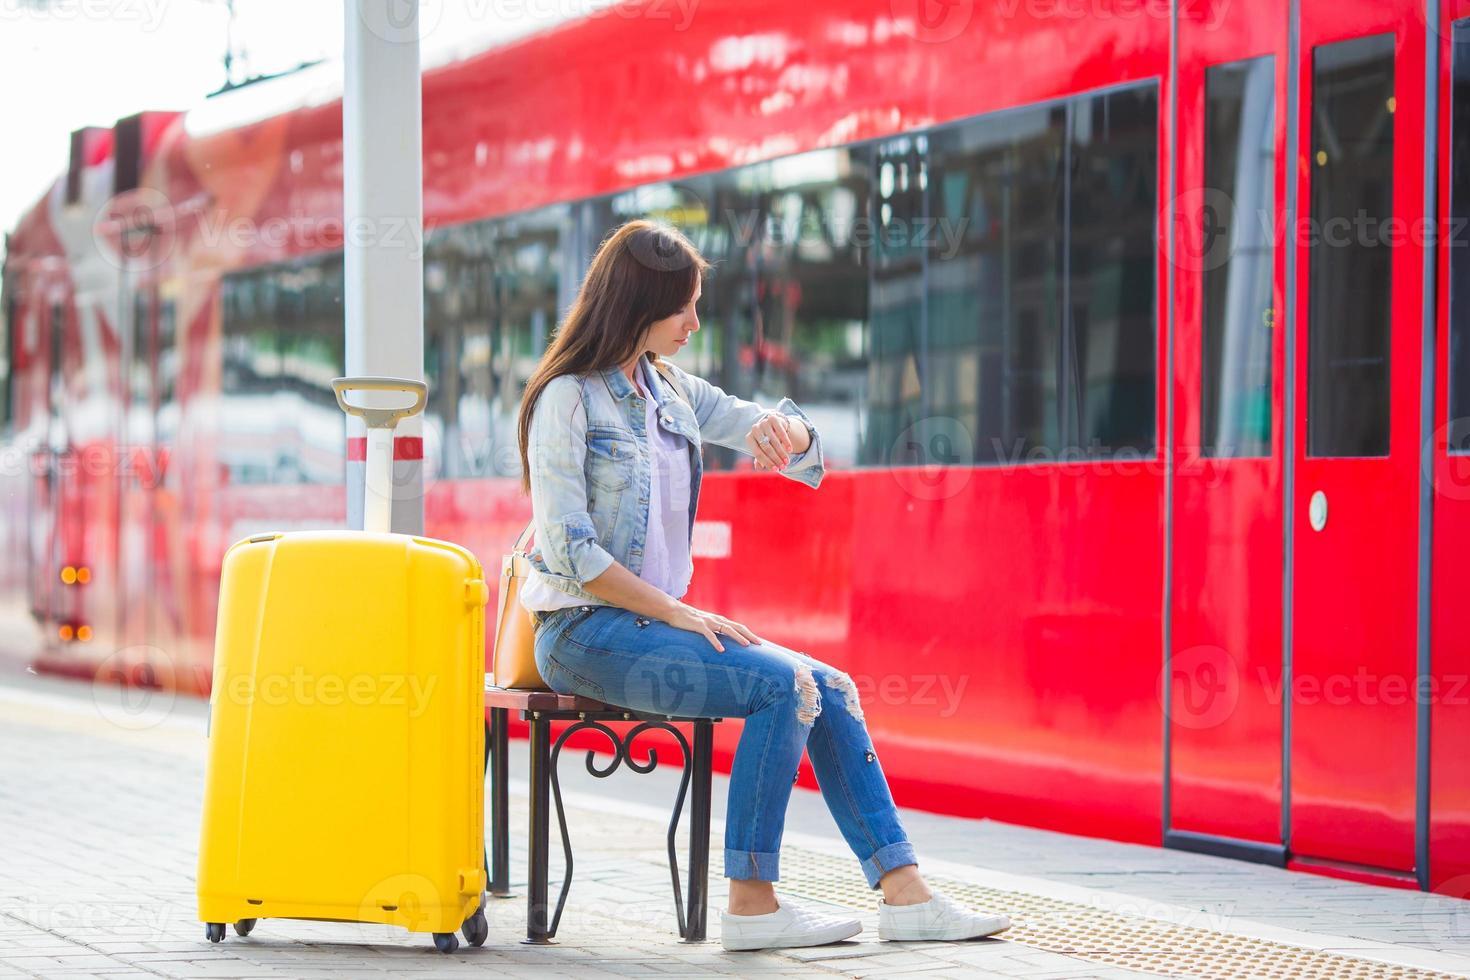 giovane bella ragazza con bagagli in una stazione ferroviaria foto